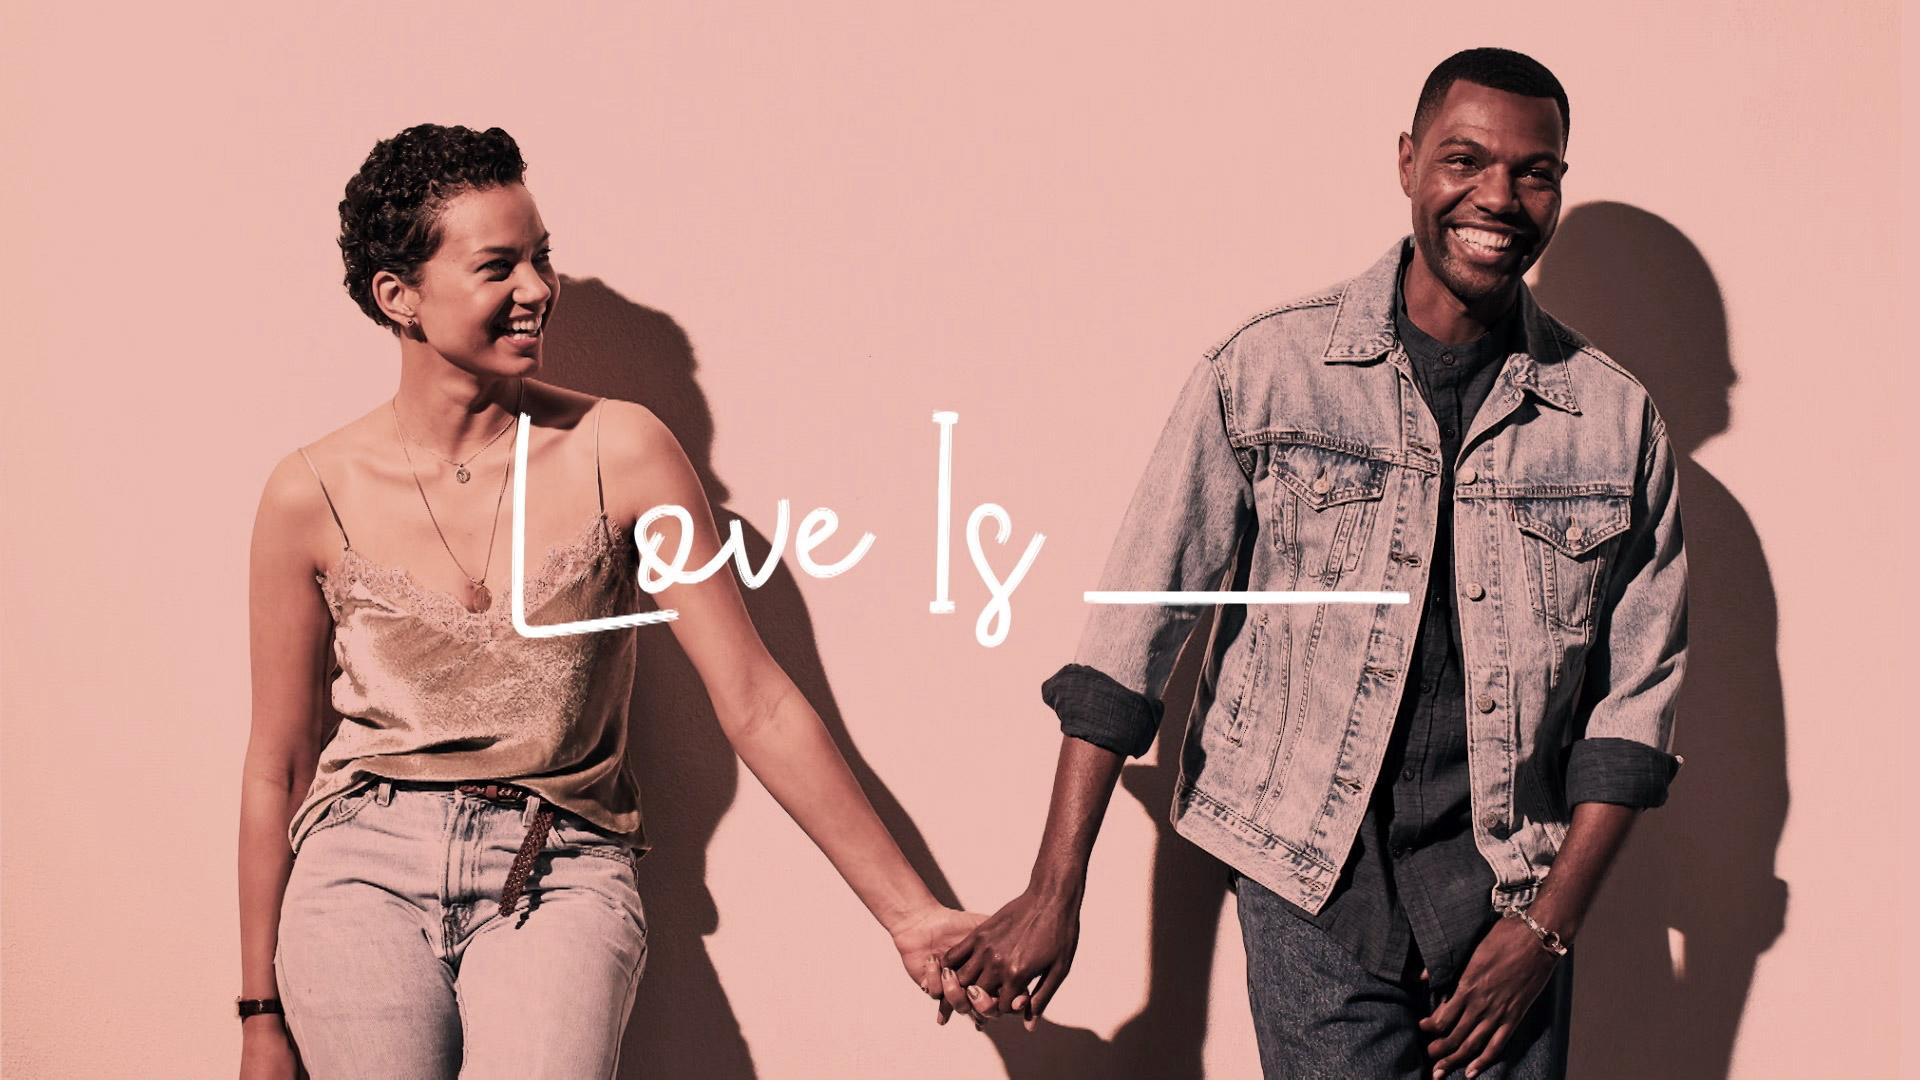 201805-love-is-short-form-1.jpg